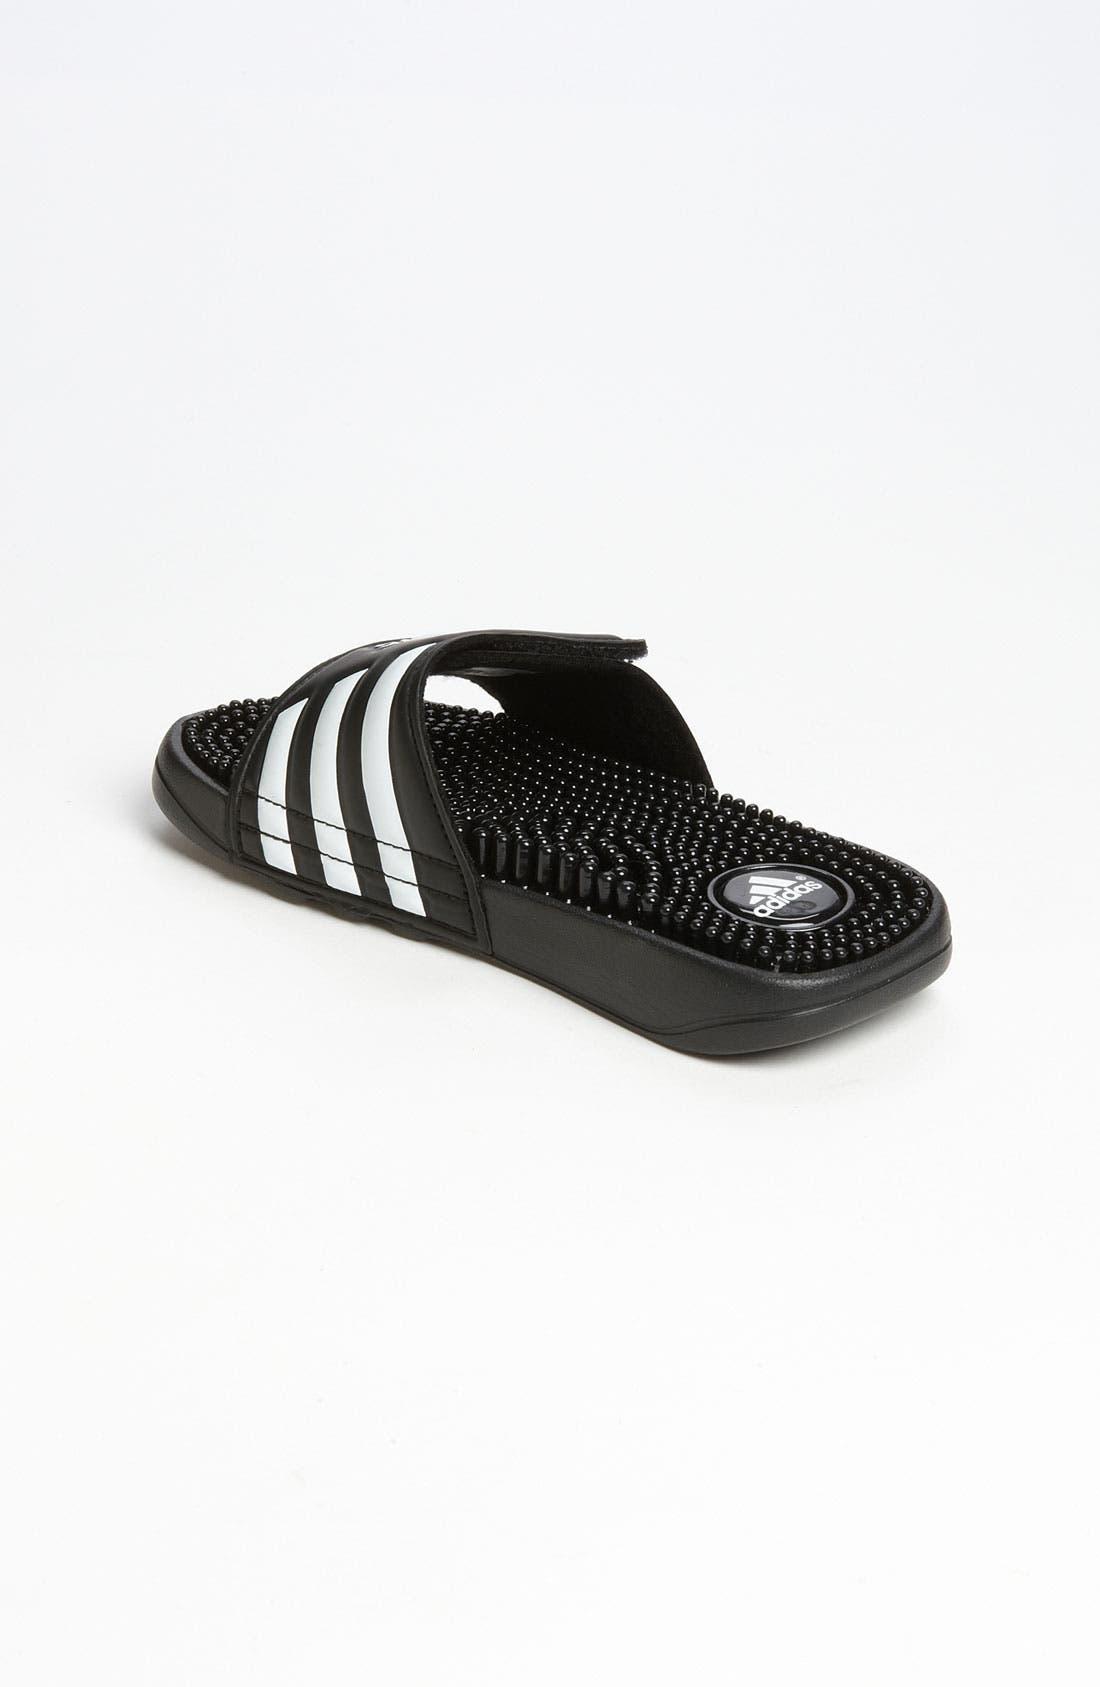 Alternate Image 2  - adidas 'Adissage' Sandal (Toddler, Little Kid & Big Kid)